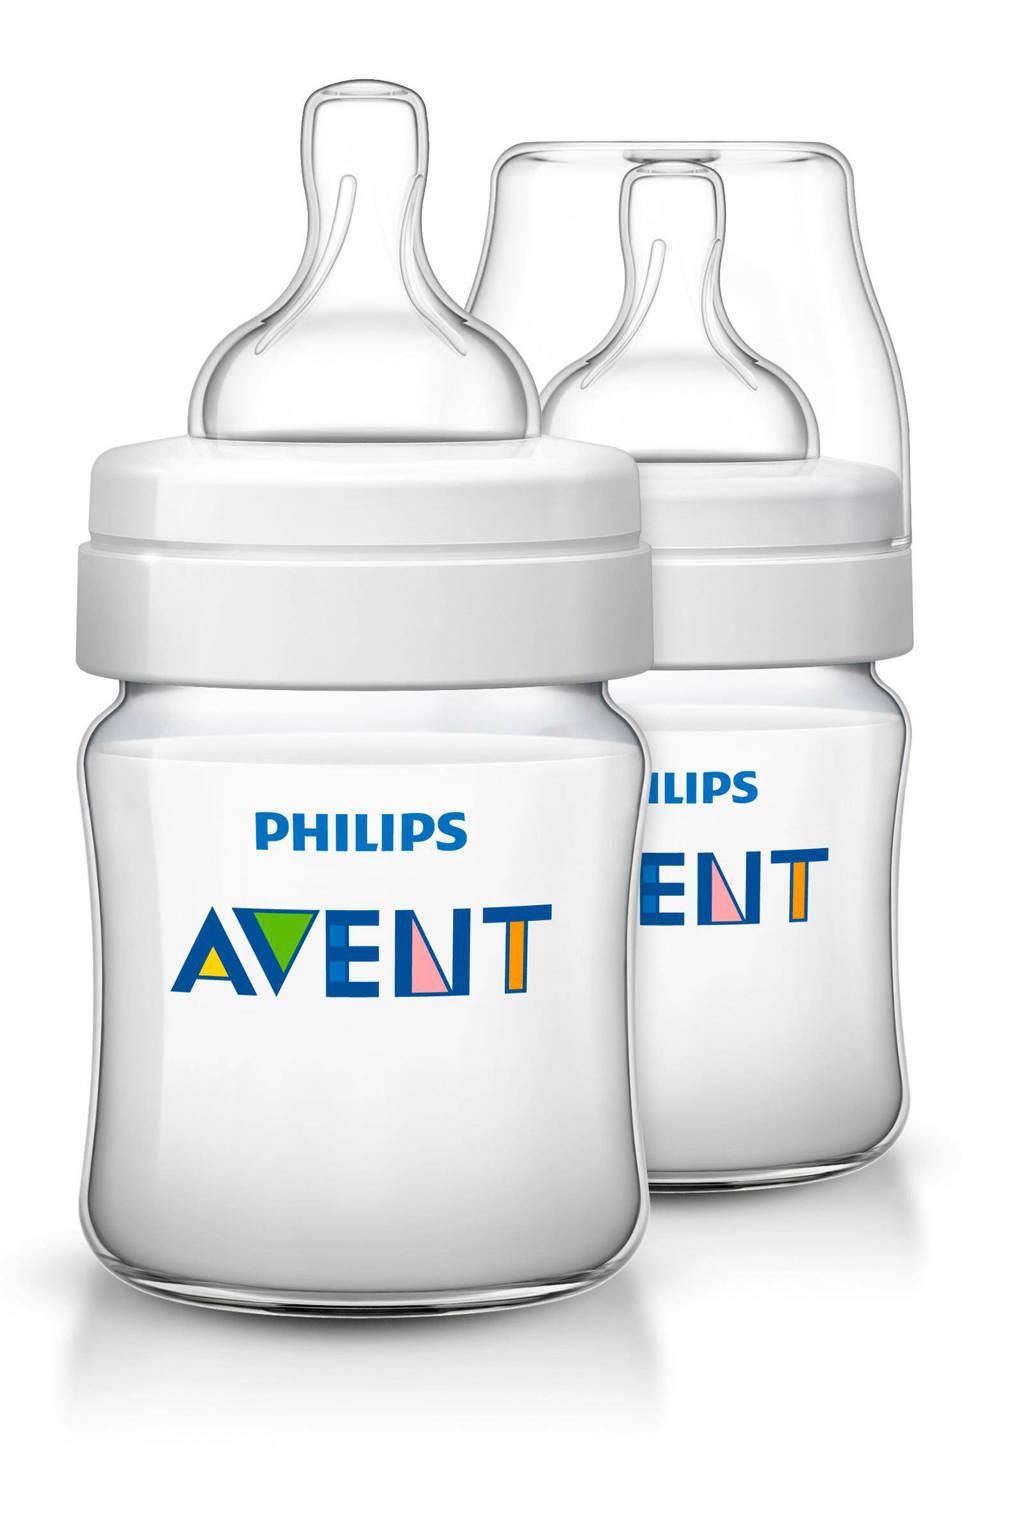 Philips AVENT SCF560/27 Classic+ babyfles - 2x 125 ml, 2 x 125 ml